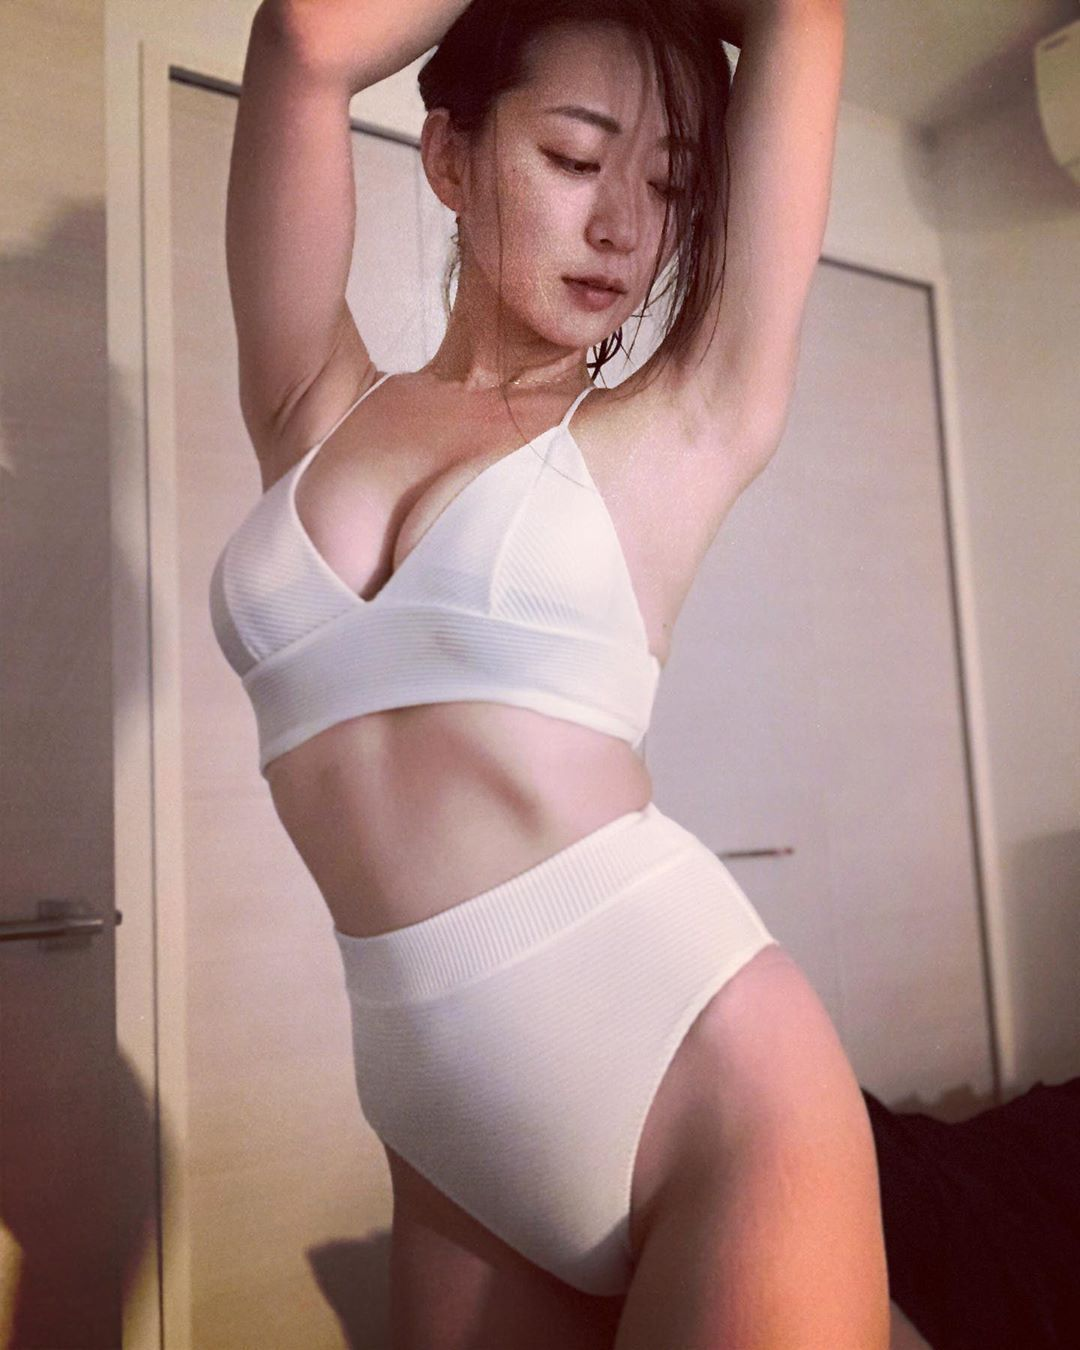 日本31岁女星阶户瑠李病逝,出演过《全裸导演》等作品 第3张